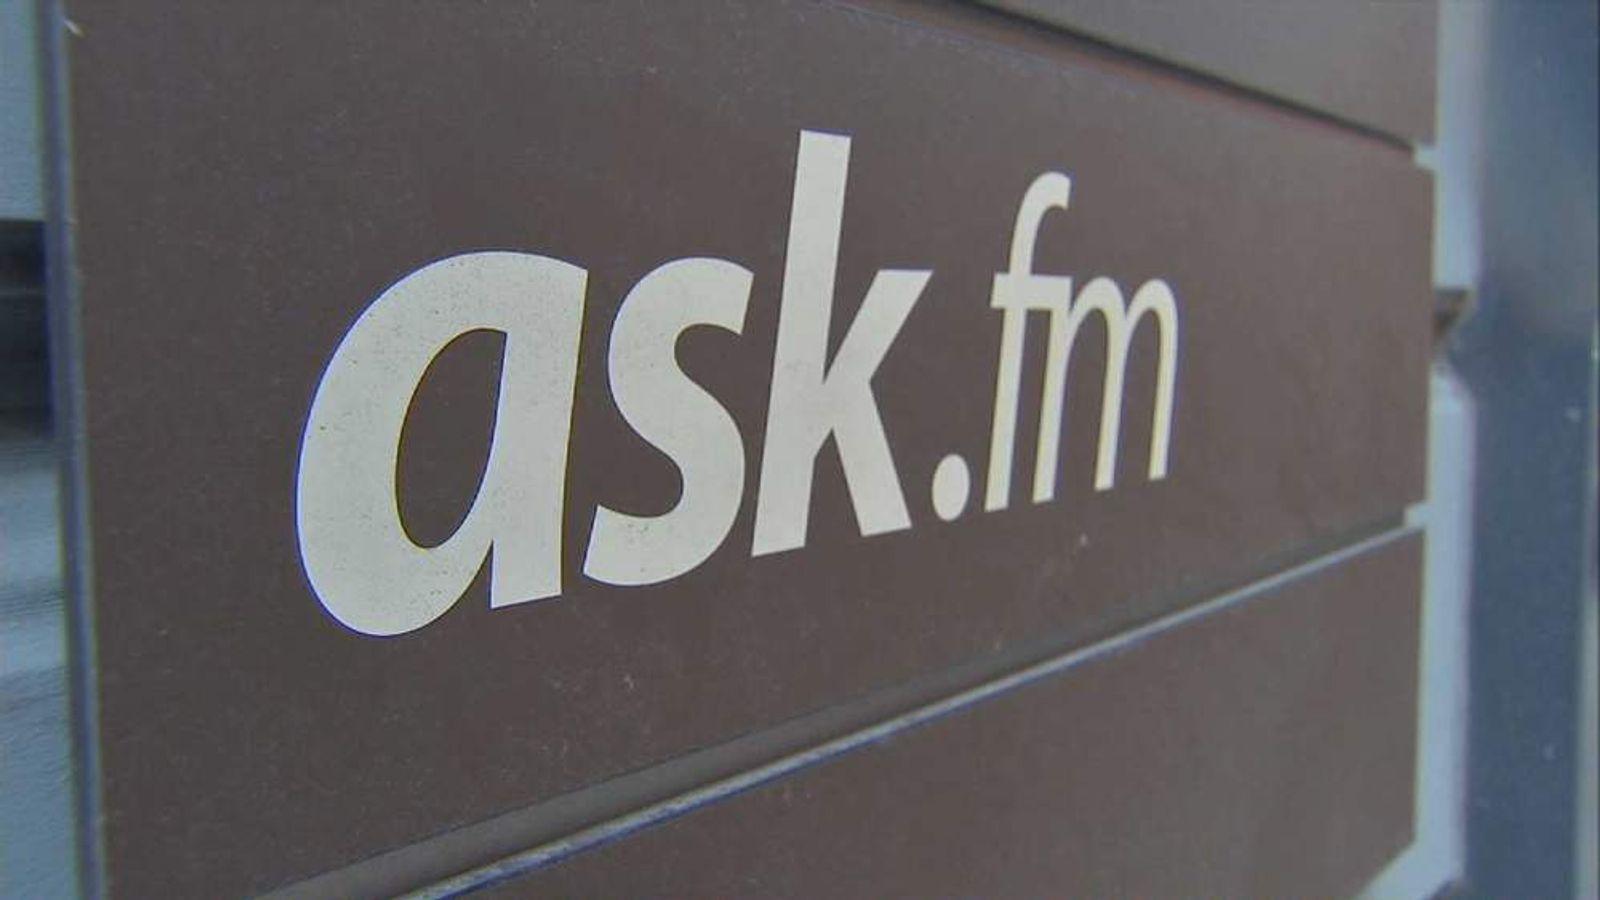 Ask.fm website sign